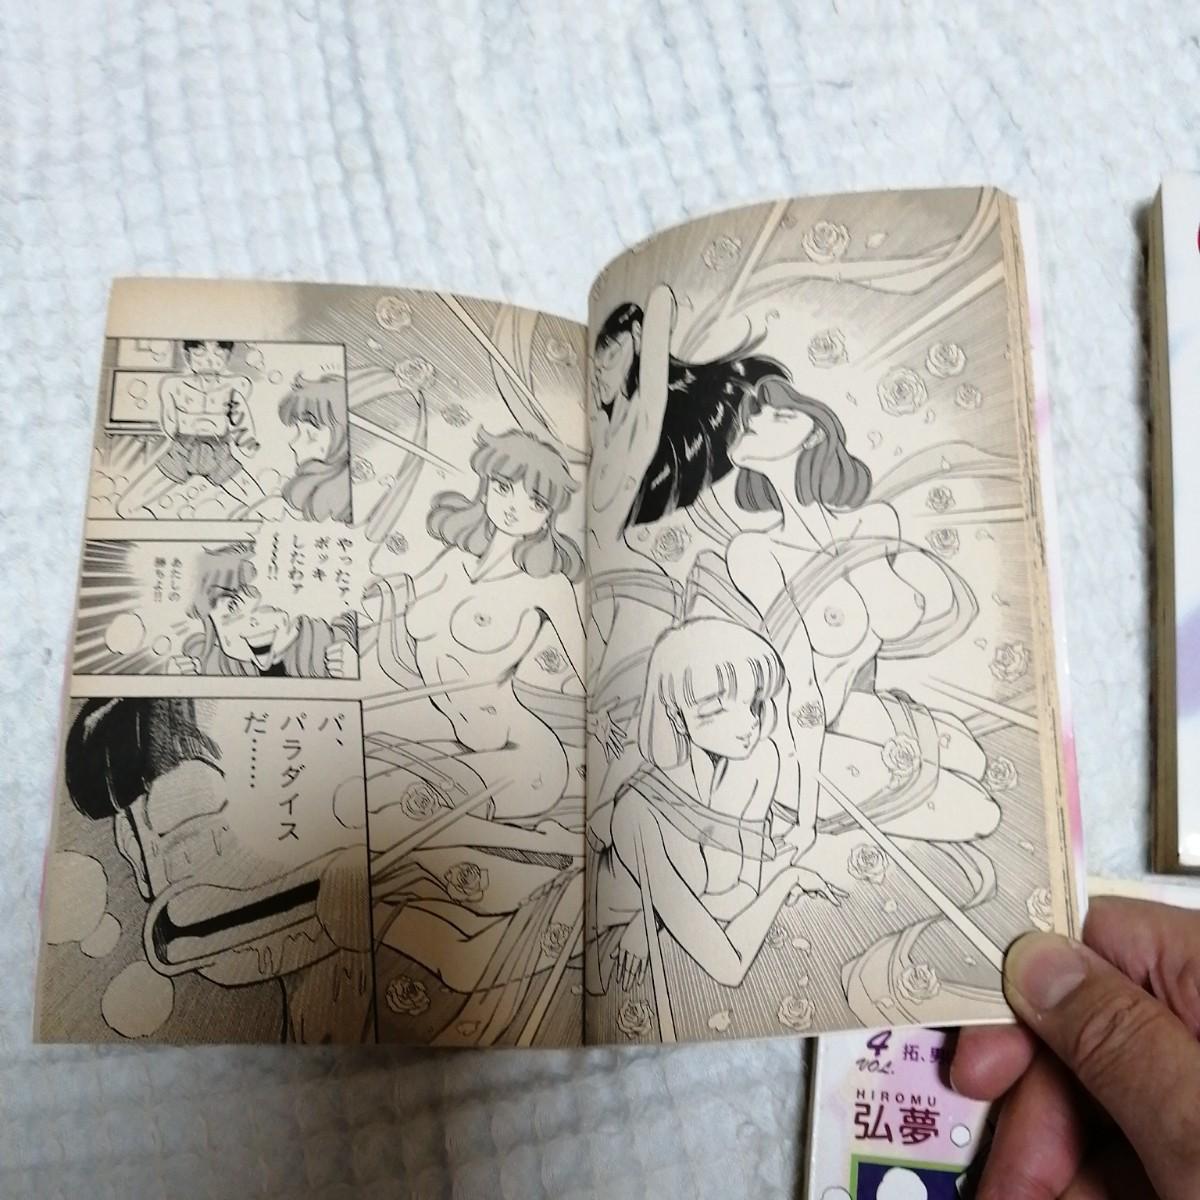 弘夢 四姉妹+1物語 5巻完結セット